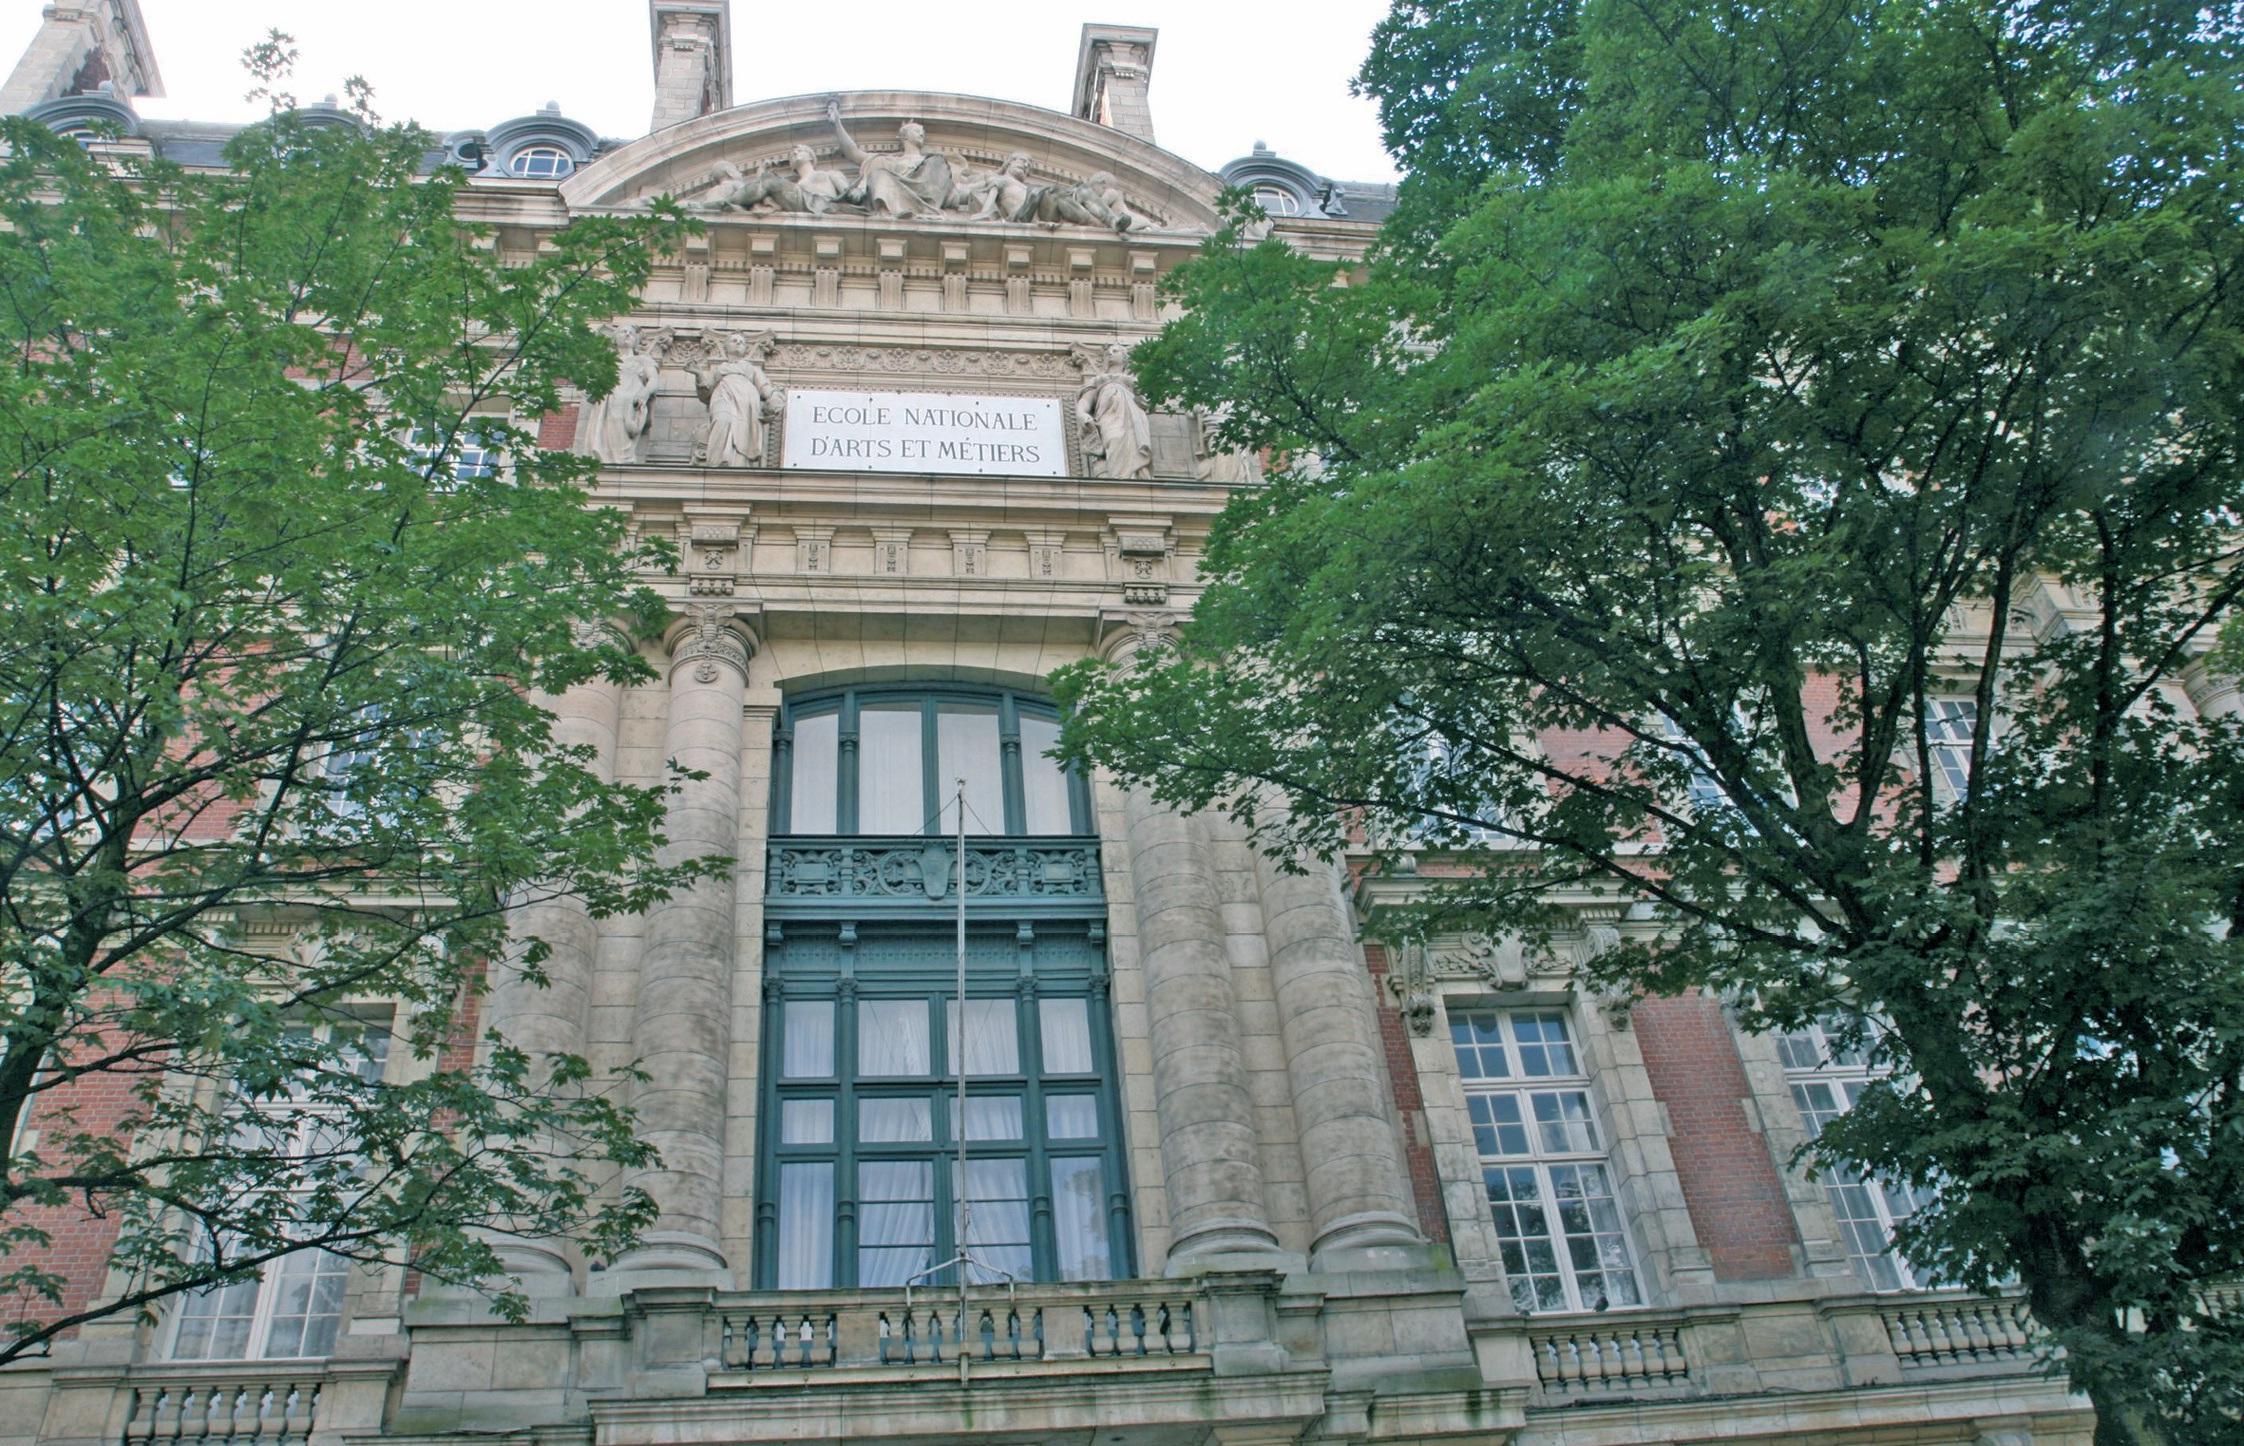 Le Cnam, installé boulevard Louis-XIV à Lille dans les locaux des Arts et Métiers, propose en plus de ses formations classiques des filières en alternance qui peuvent intéresser les entreprises.